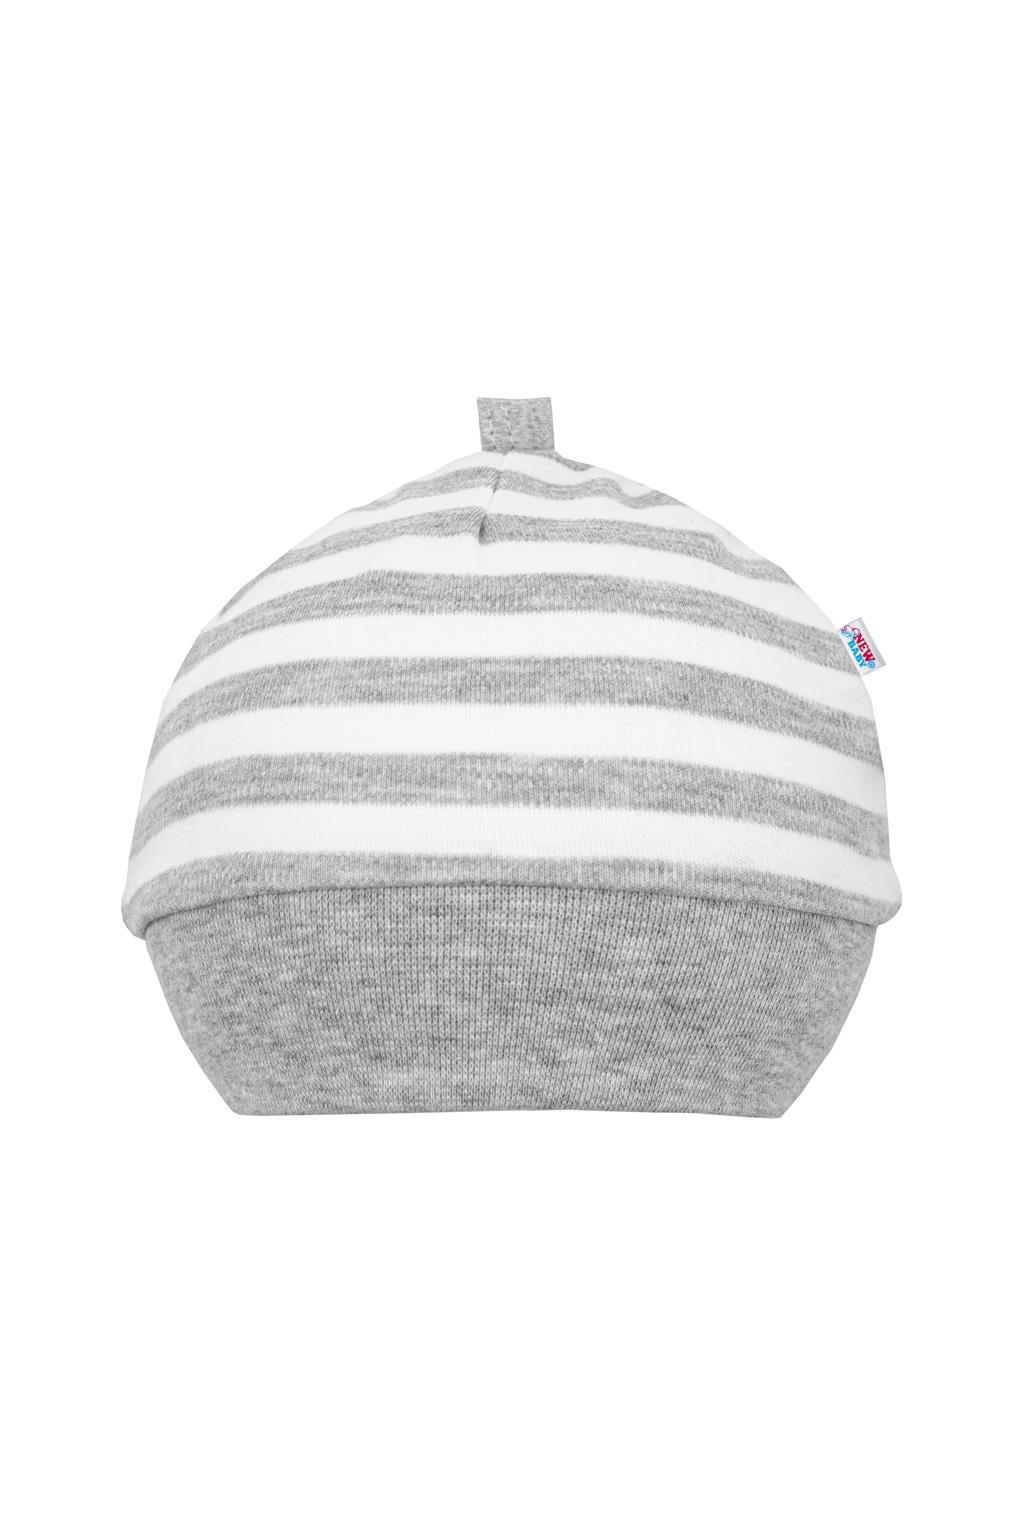 Dojčenská bavlnená čiapočka New Baby Zebra exclusive